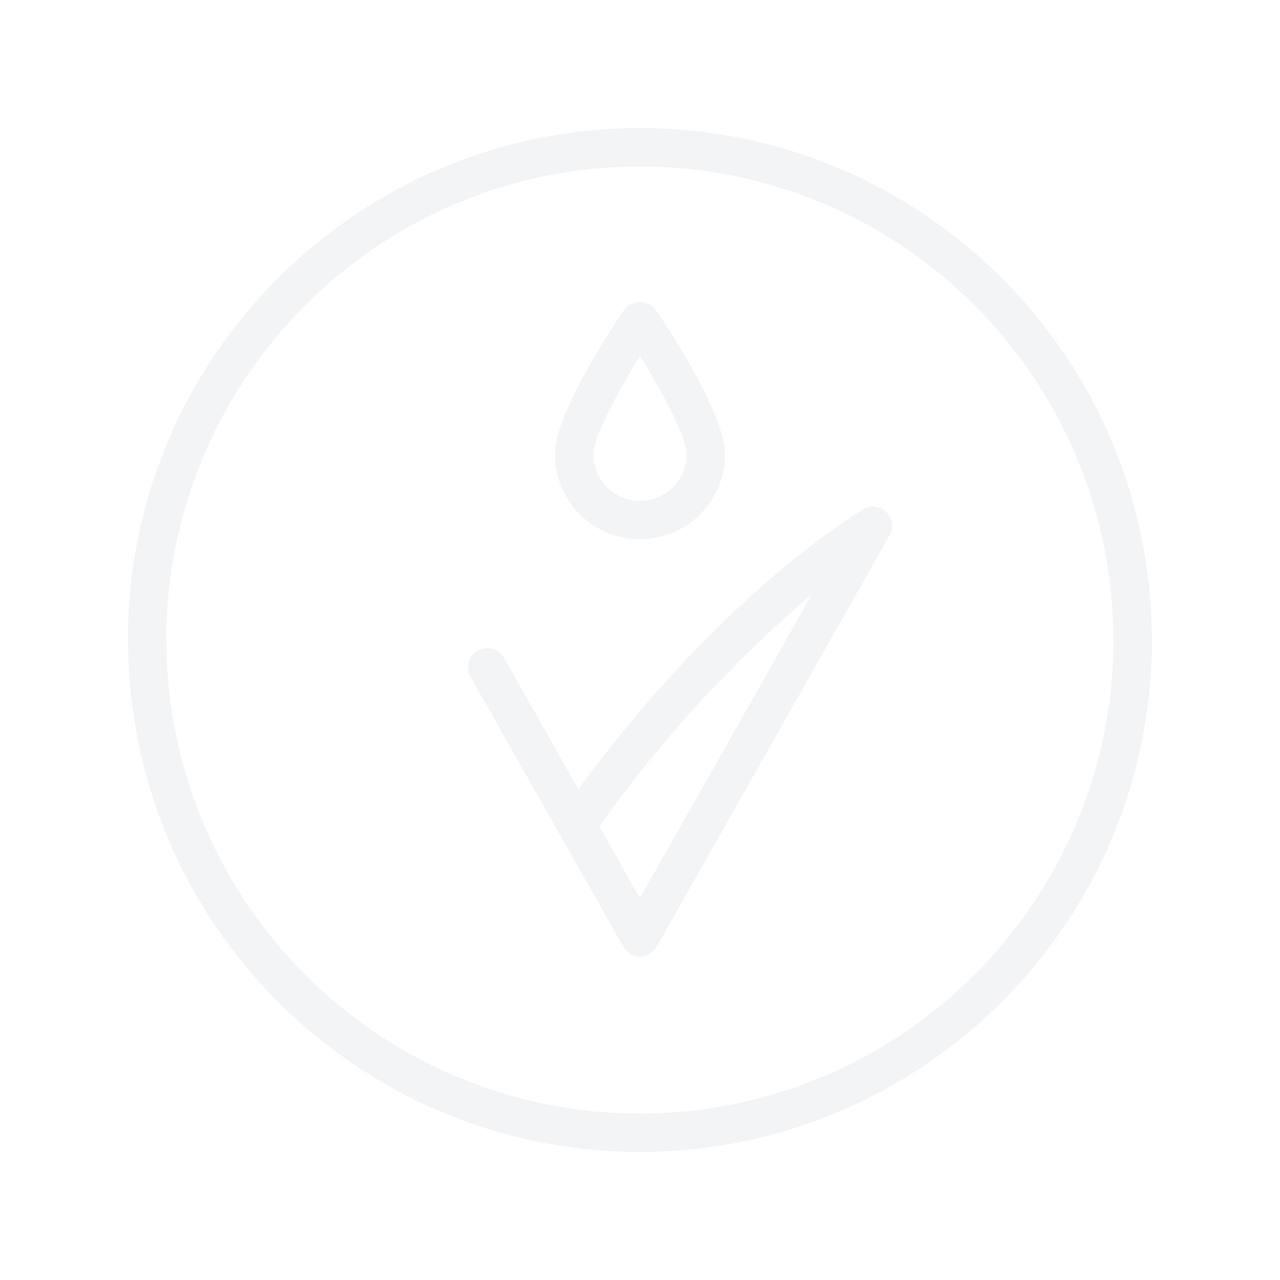 Lancaster Suractif Volume Contour Regenerating Night Cream 50ml